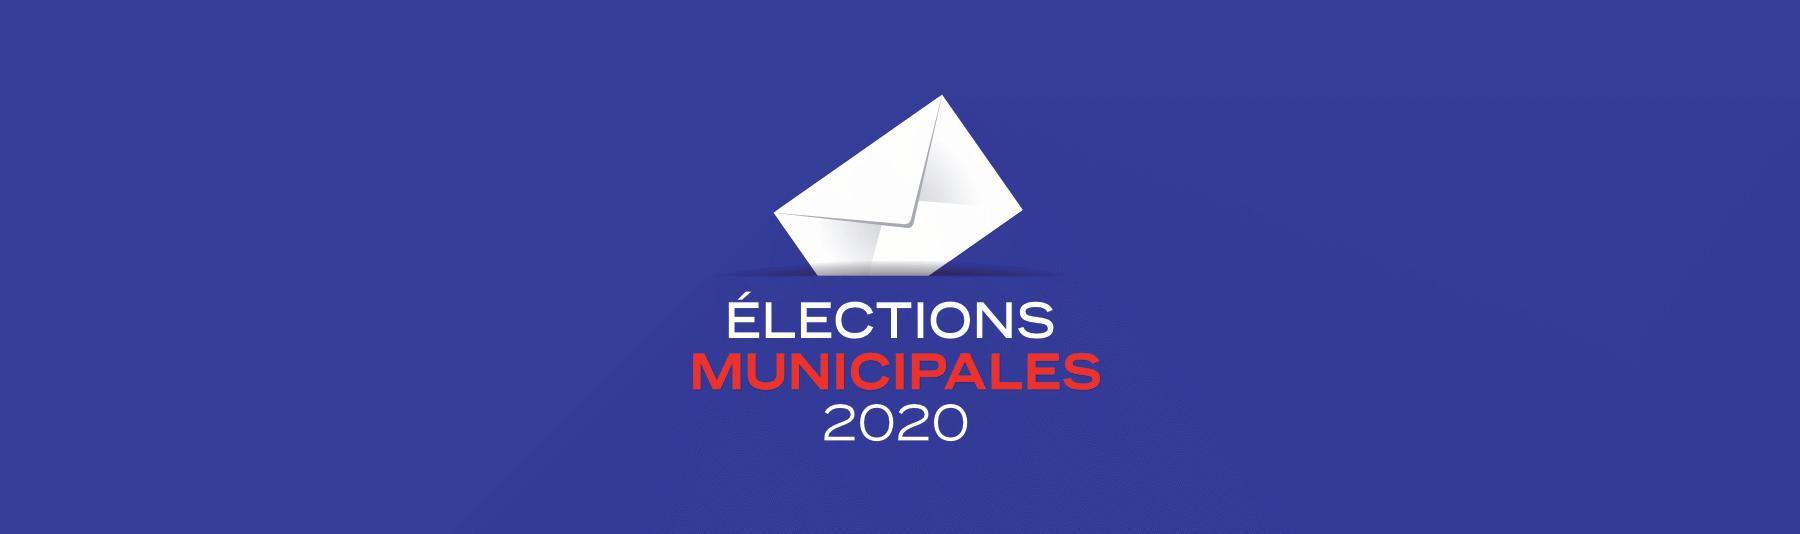 MUNICIPALES 2020 ETAMPES